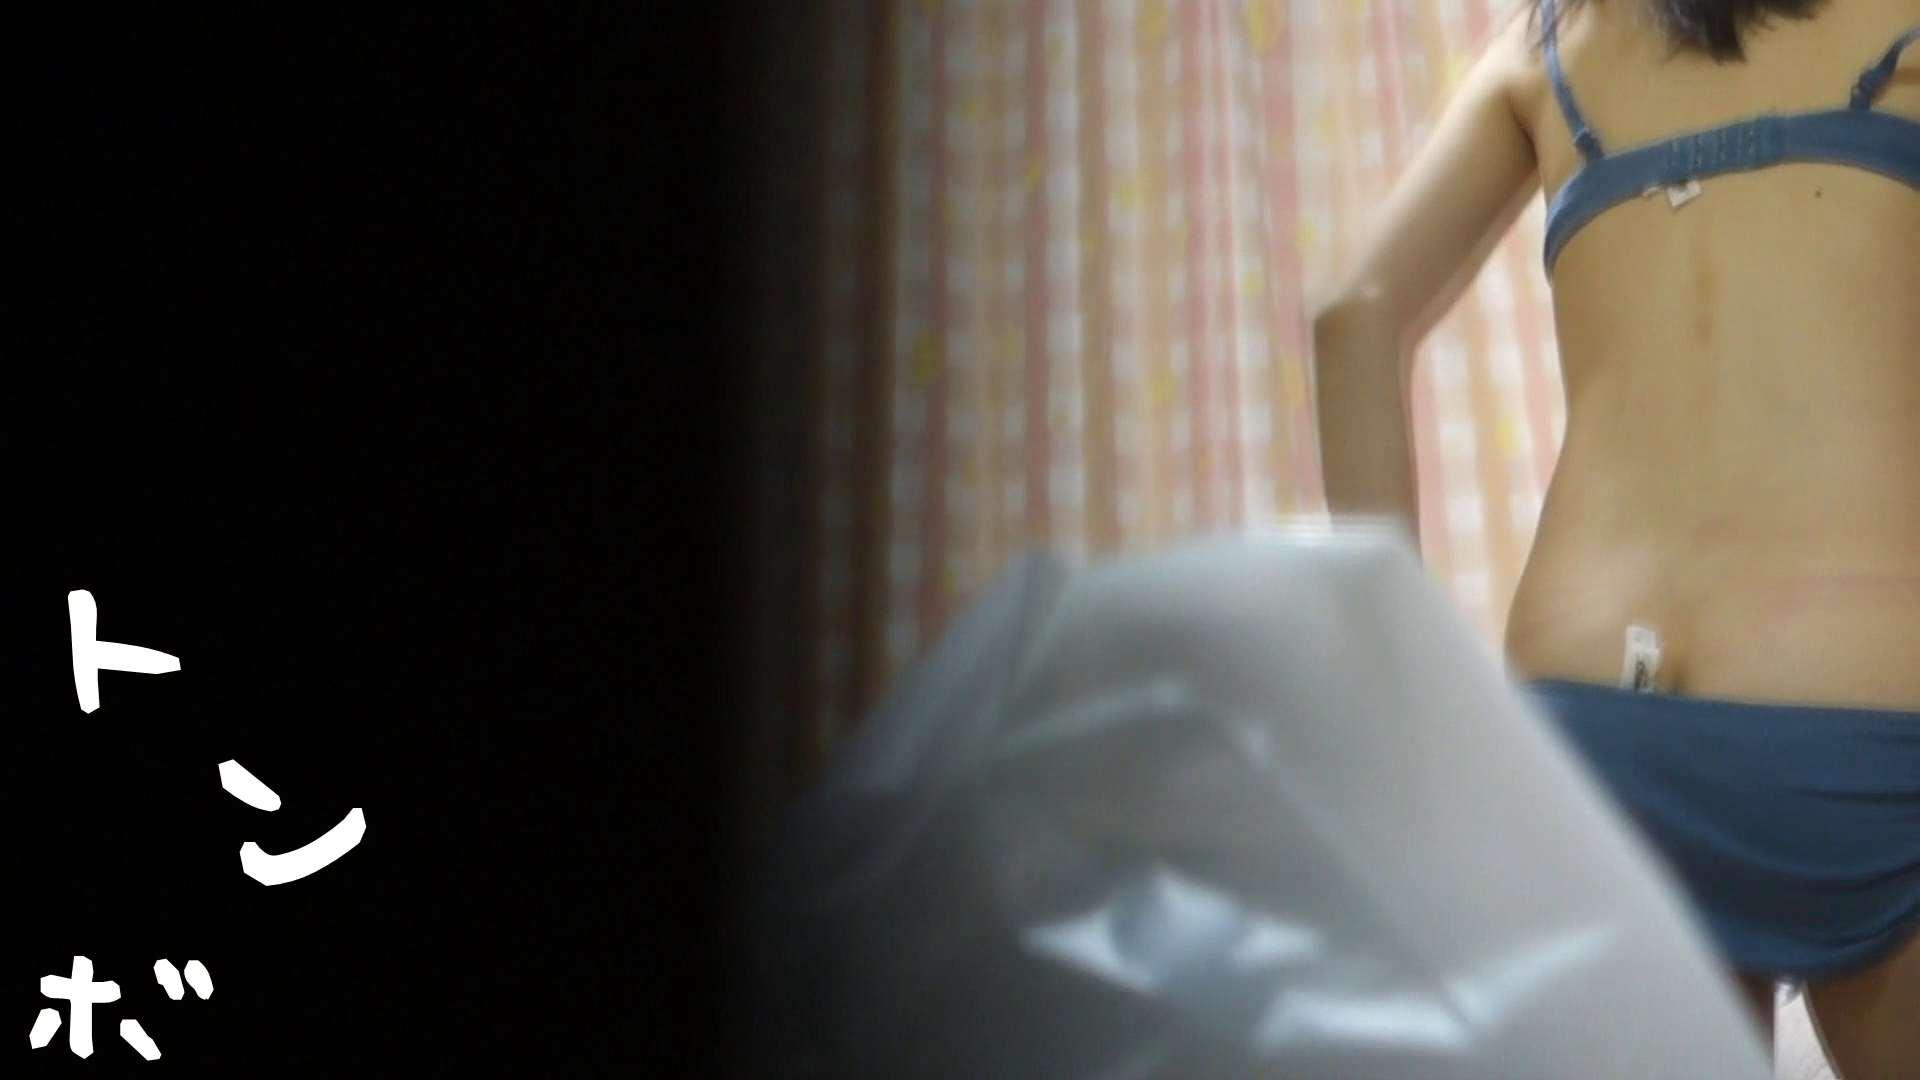 リアル盗撮 現役女子大生の私生活2 美肌 おまんこ動画流出 105画像 27